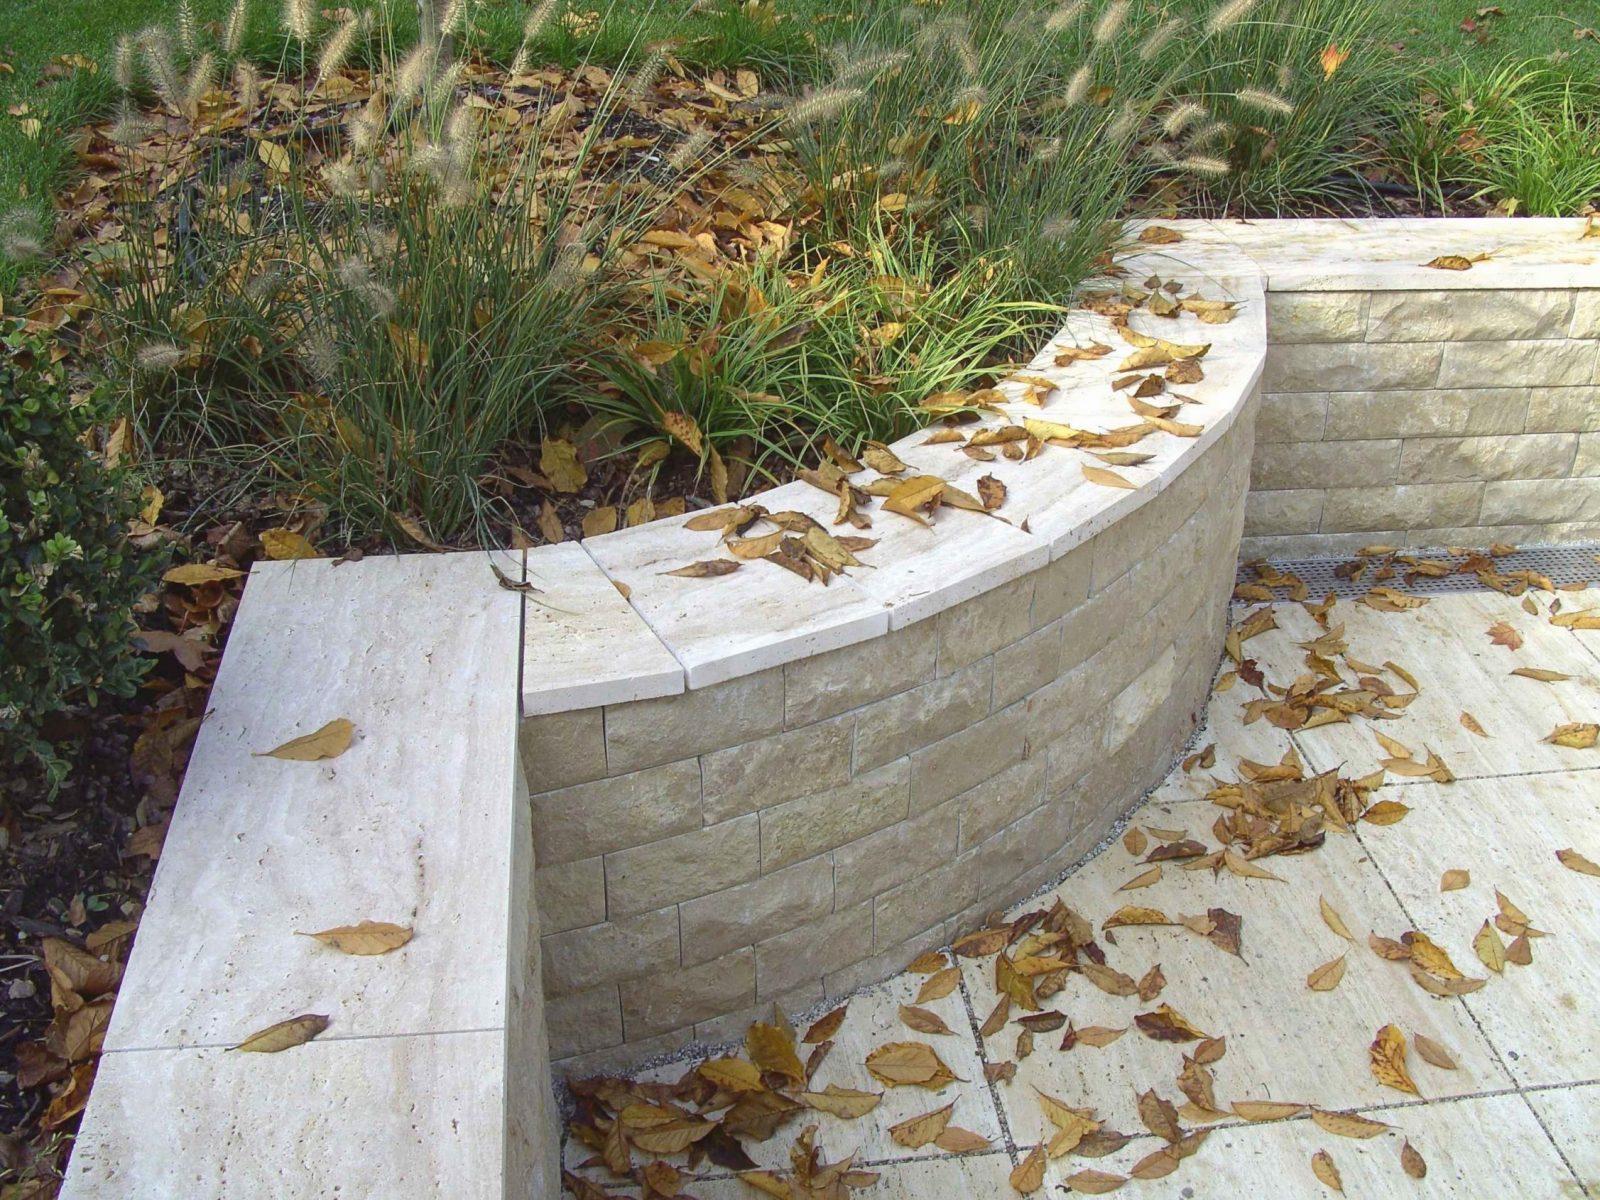 Modeldesigns Von Treppe Garten Selber Bauen Holz von Treppe Im Garten Selbst Bauen Bild